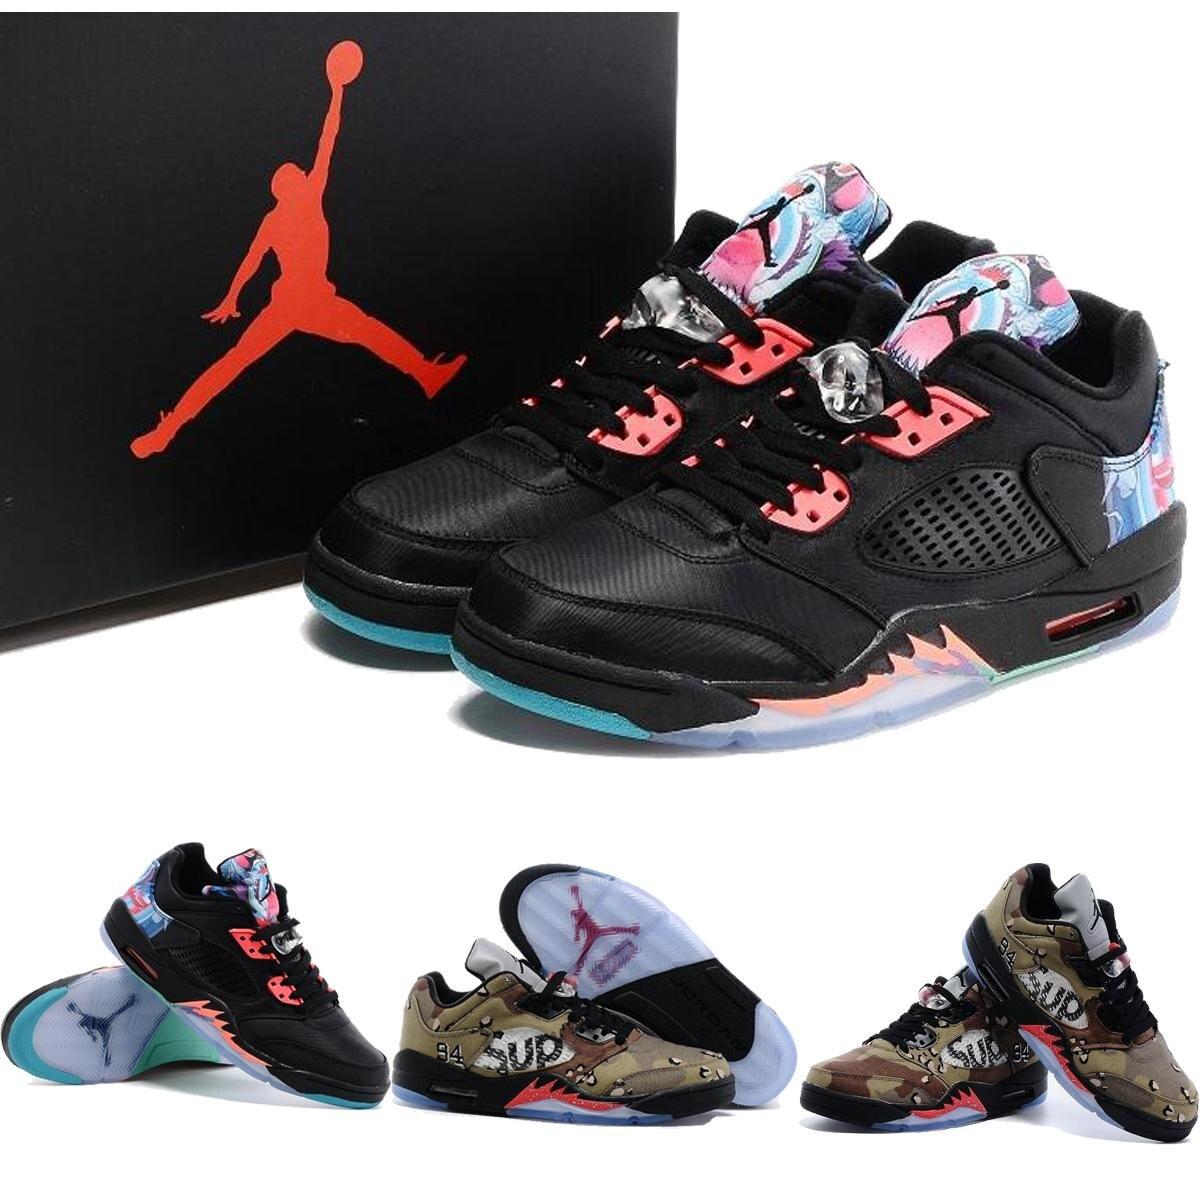 Acheter Jordans Air Authentiques De La Chine